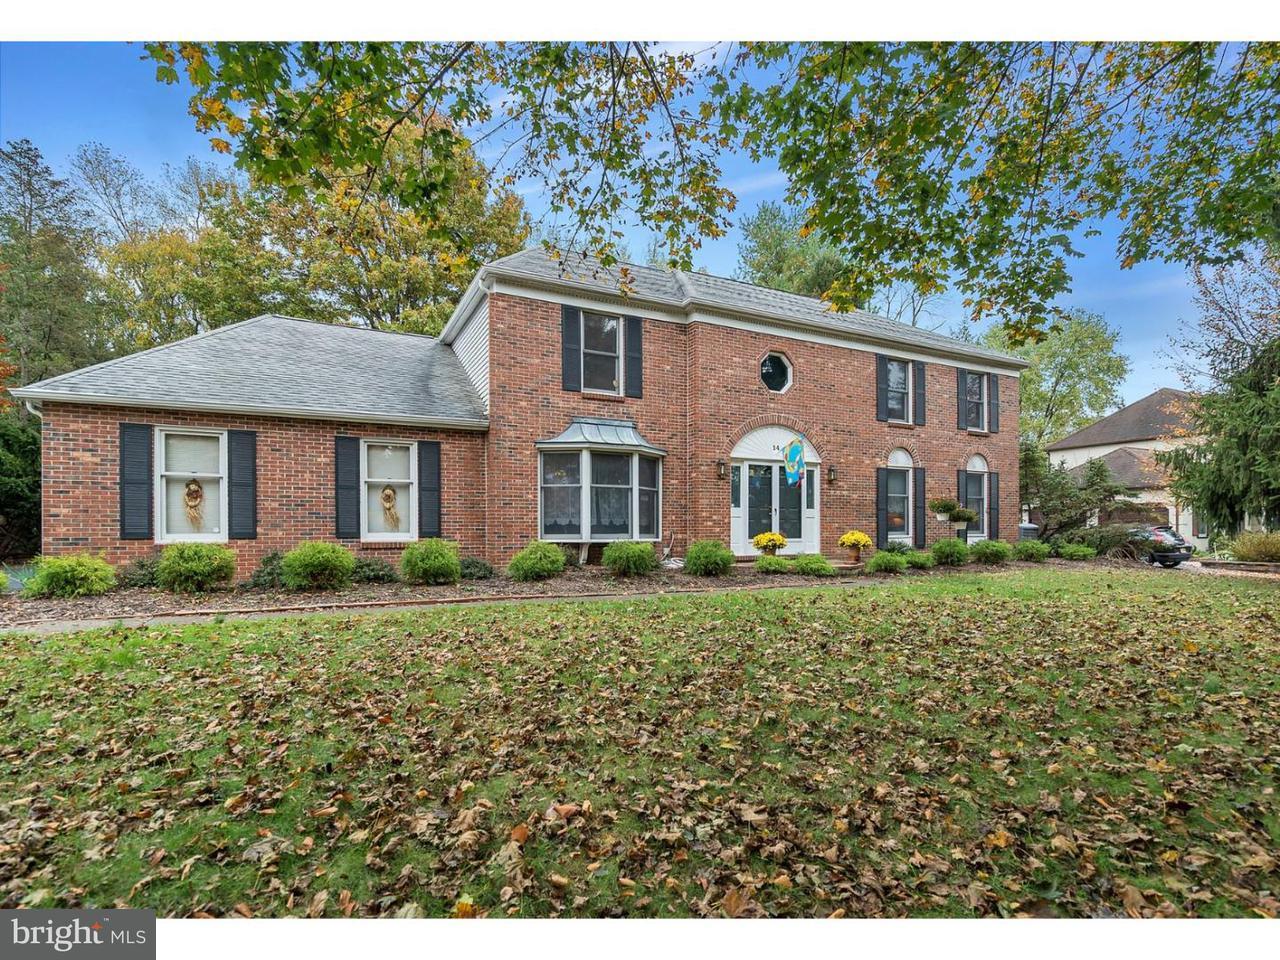 Casa Unifamiliar por un Venta en 14 TRACEY Drive Lawrenceville, Nueva Jersey 08648 Estados UnidosEn/Alrededor: Lawrence Township